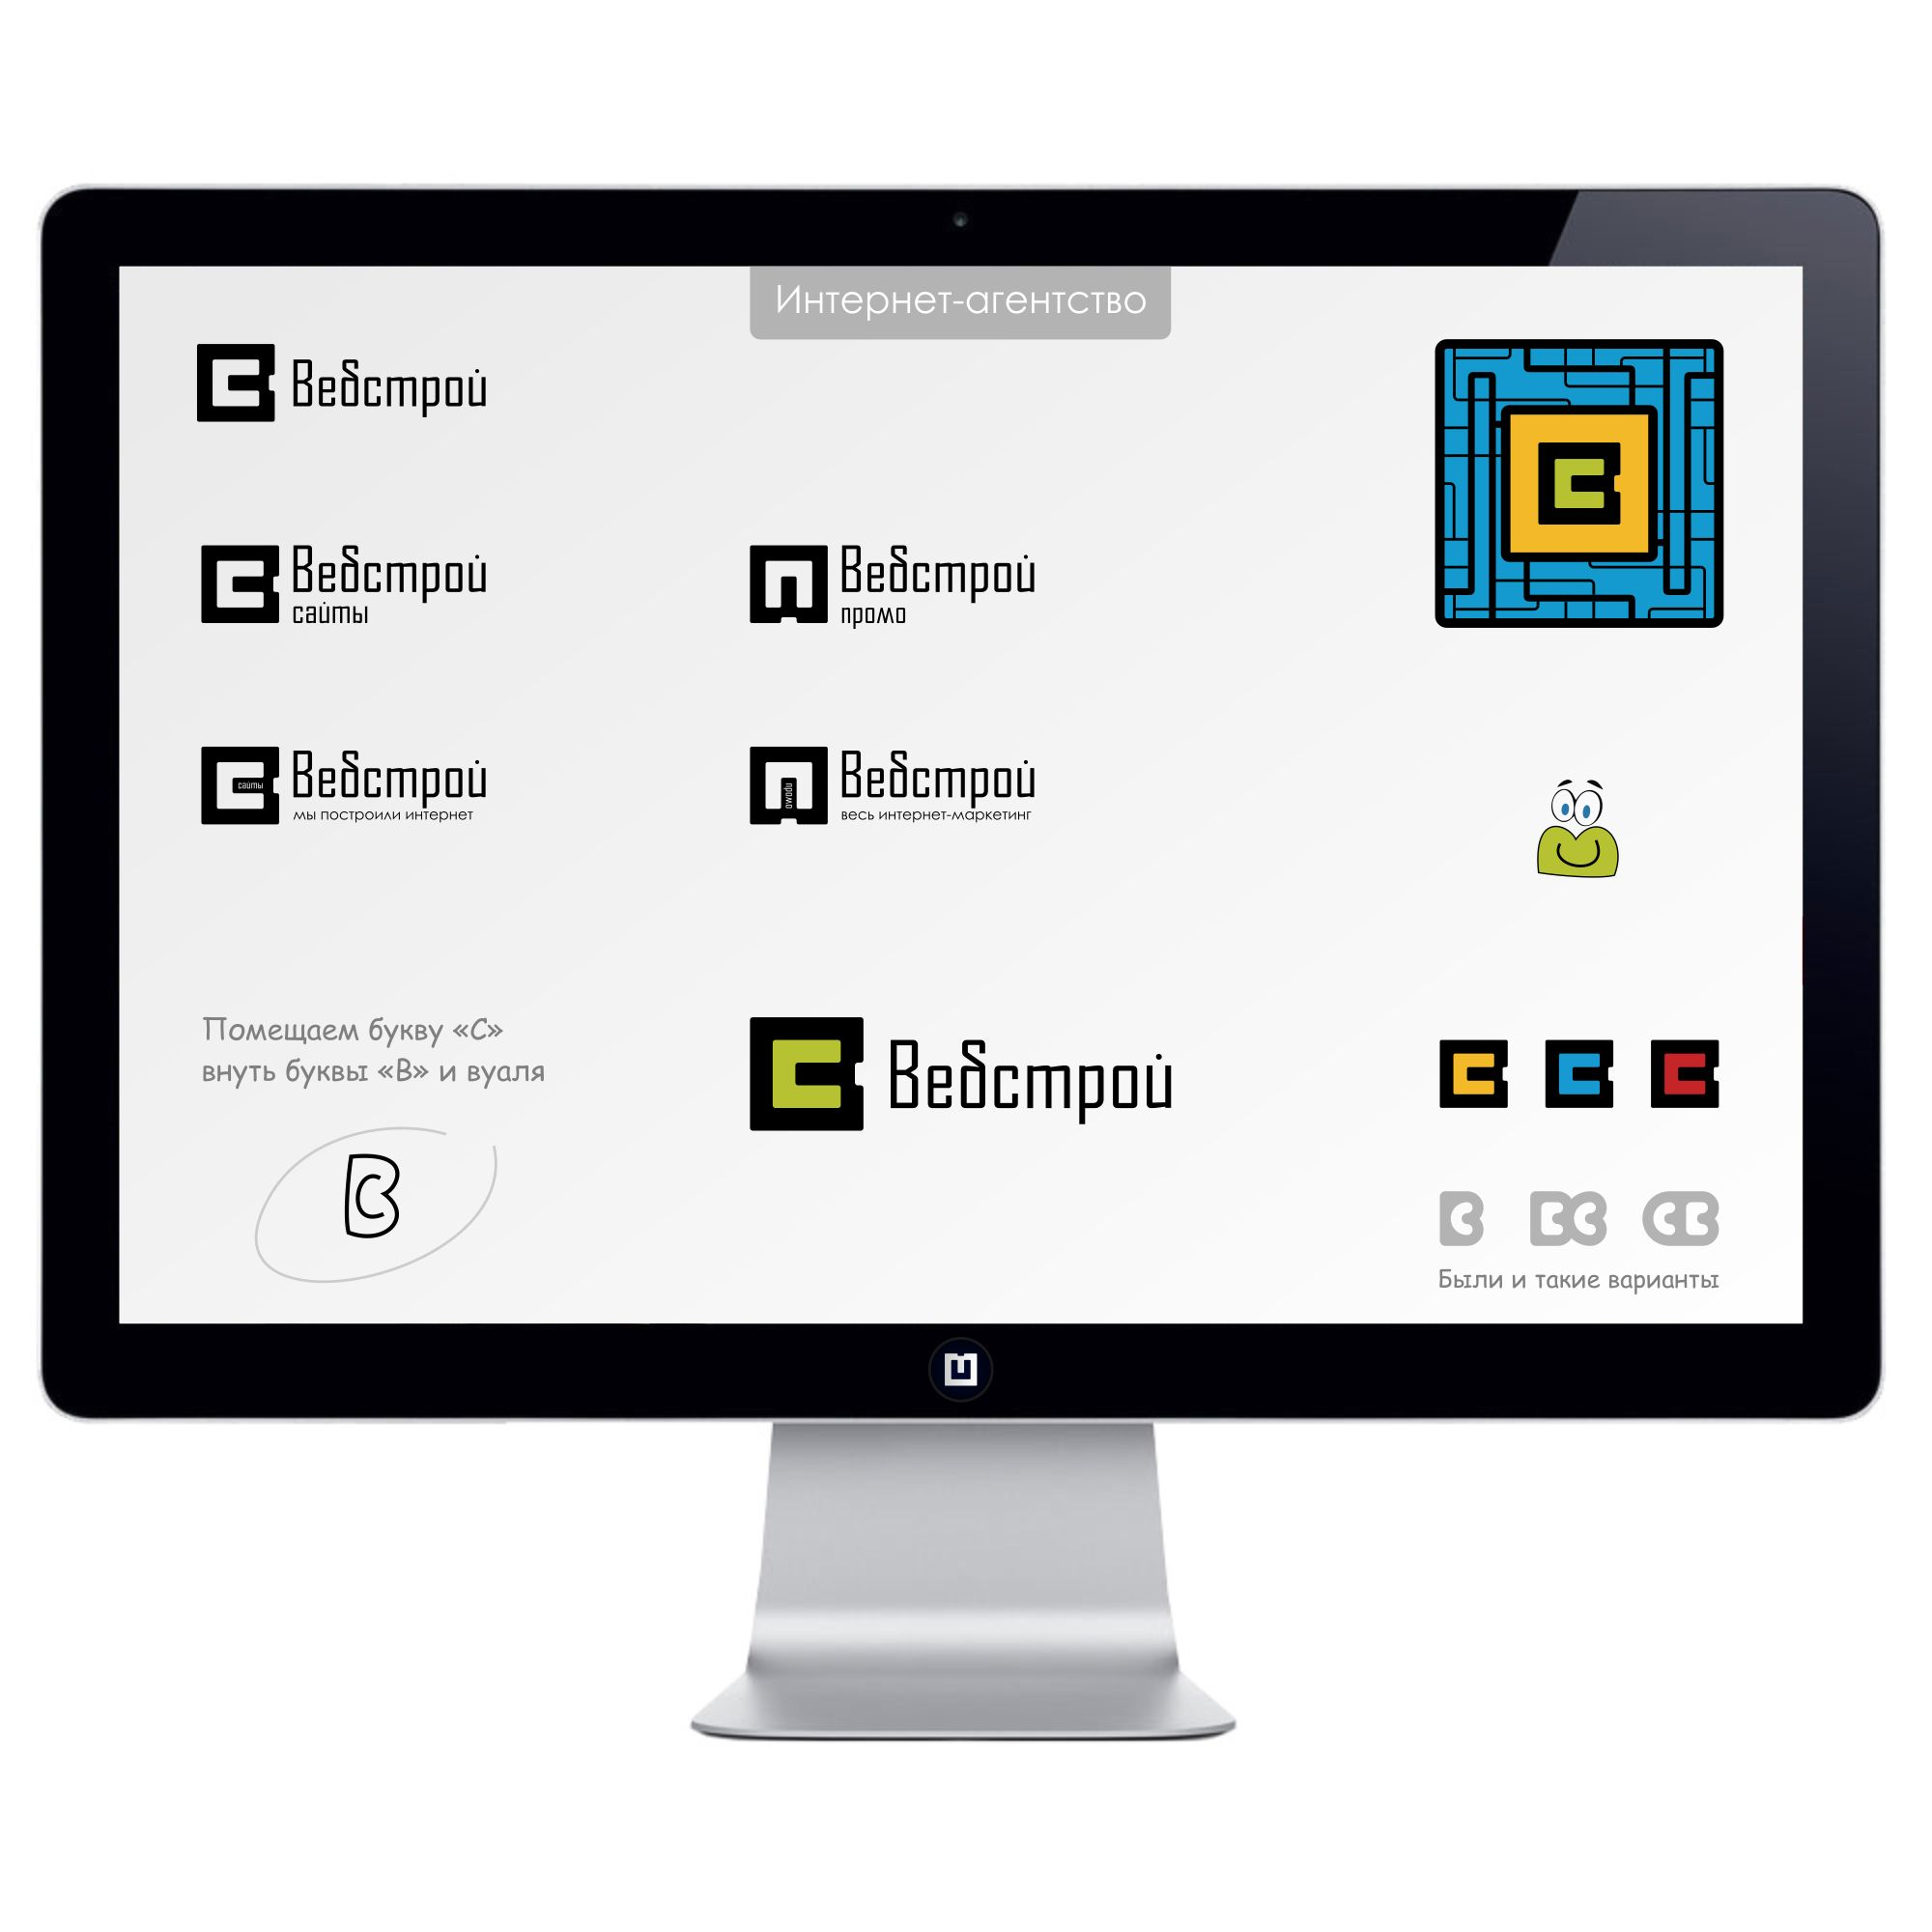 Логотип интернет-агентства - дизайнер smithy-style